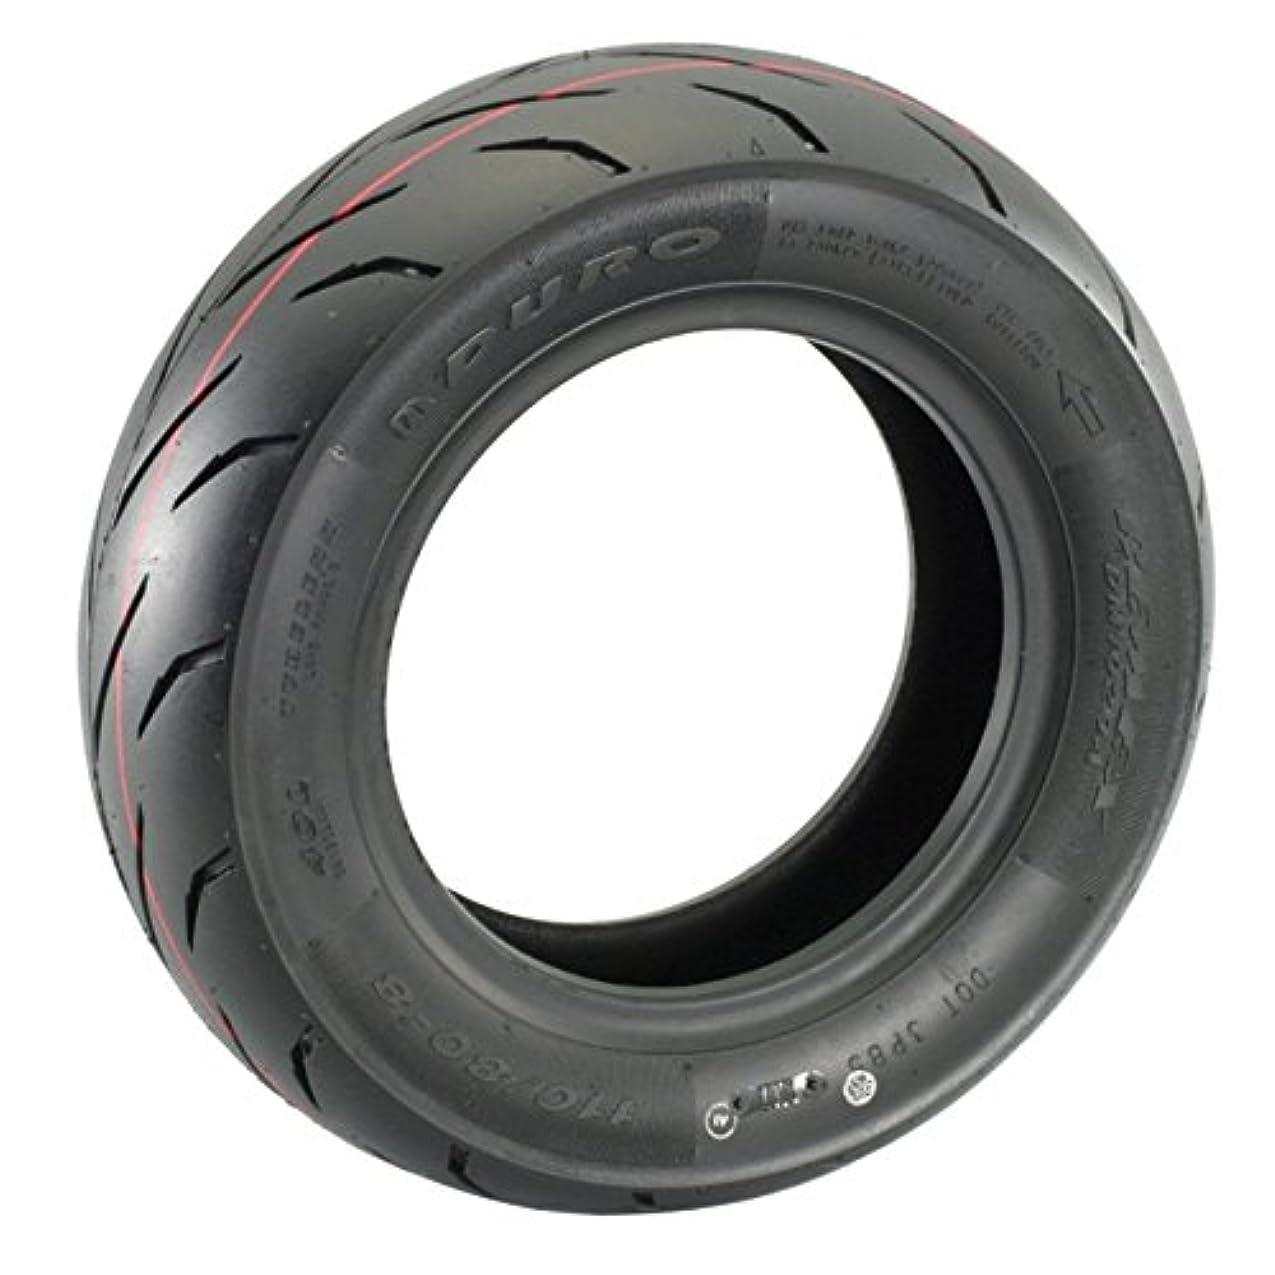 ごちそう硬さヒゲクジラキタコ(KITACO) バイクタイヤ チューブレスタイヤ DURO 8インチ 110/80-8/40L モンキー(MONKEY) ゴリラ等 911-1123008